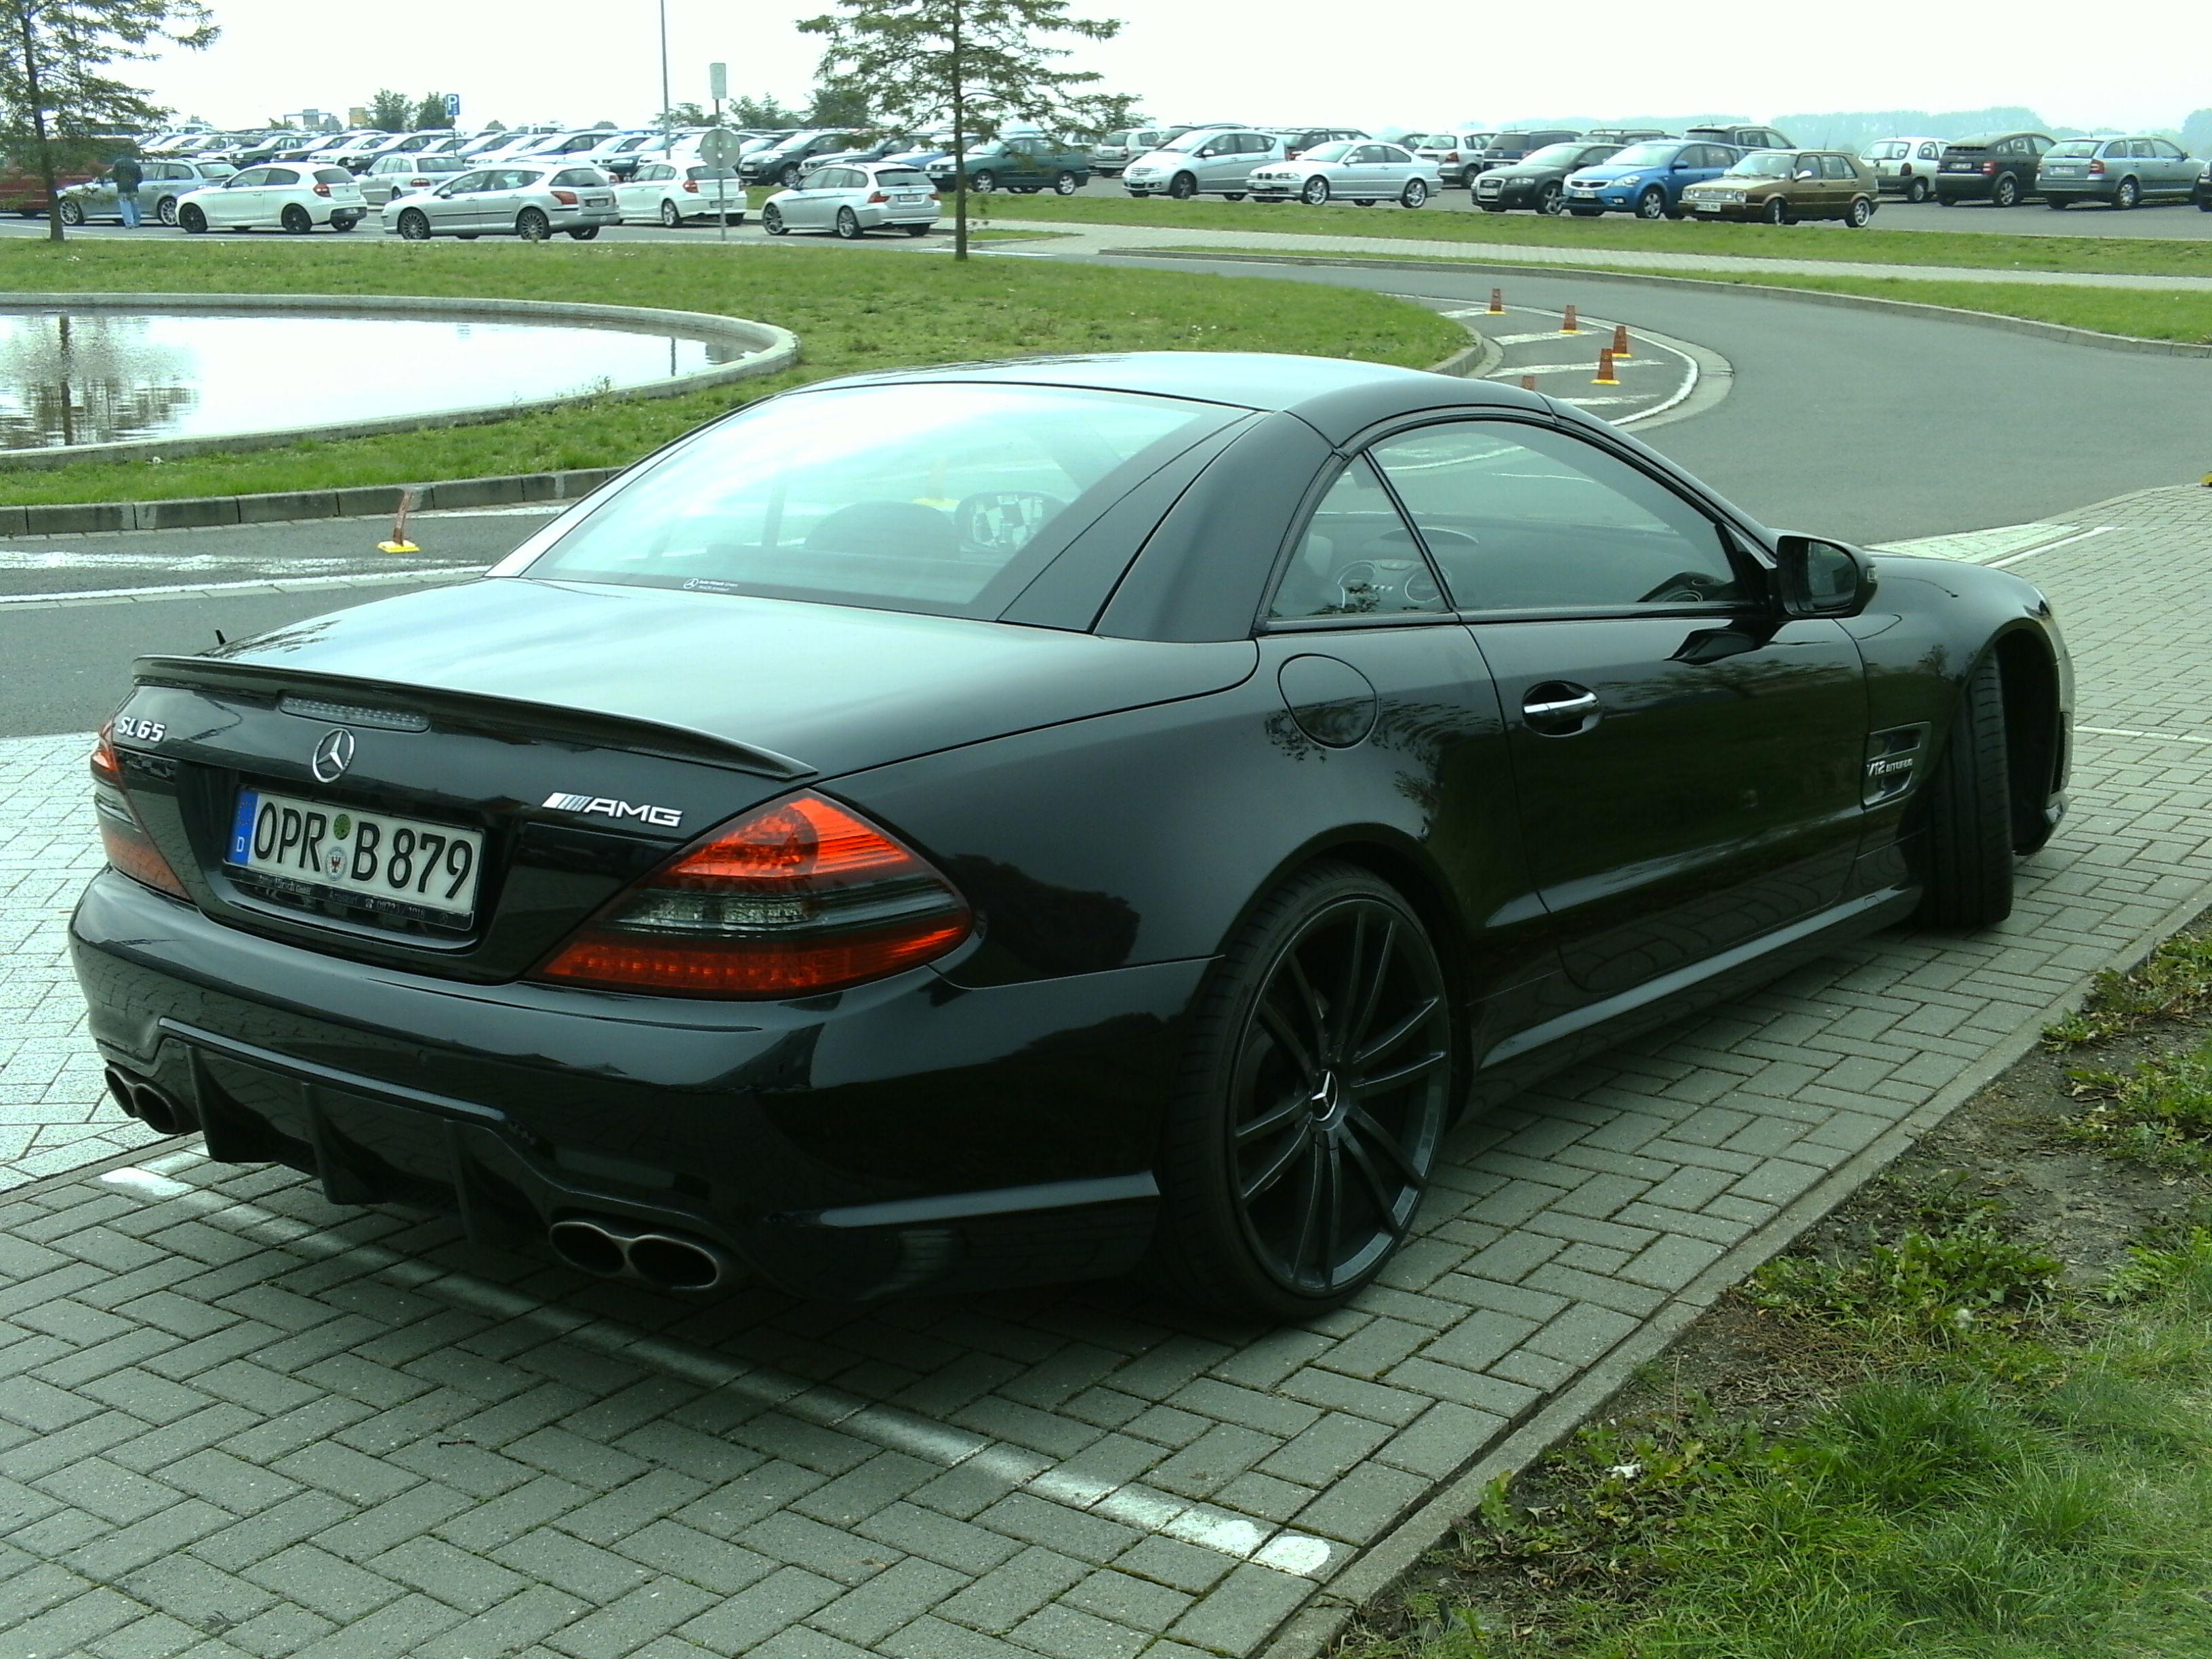 Mercedes benz sl65 amg v12 biturbo back by swat316 on for Mercedes benz amg v12 biturbo